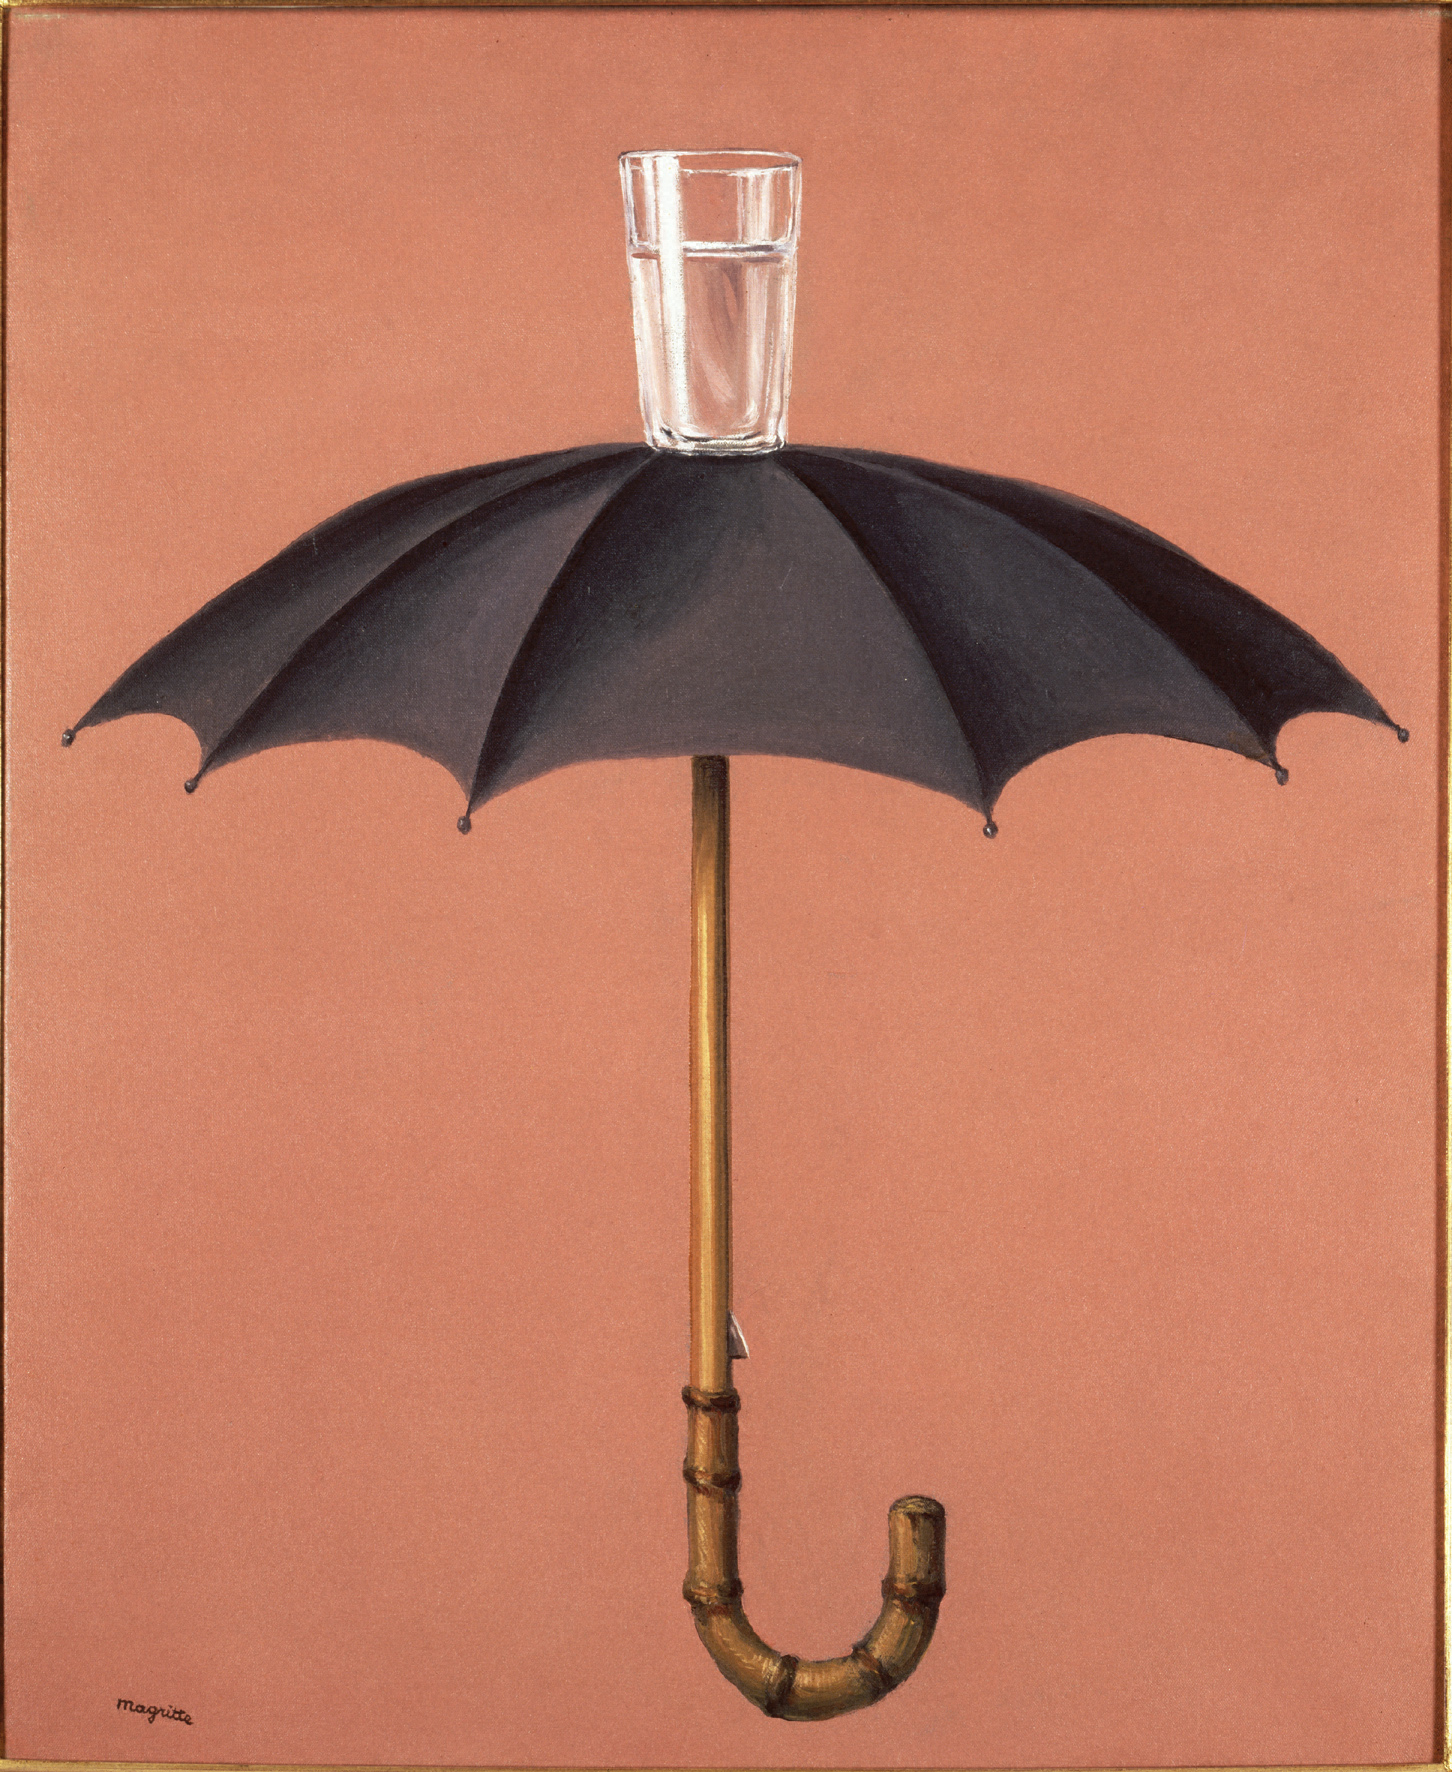 Magritte, Les vacances de Hegel